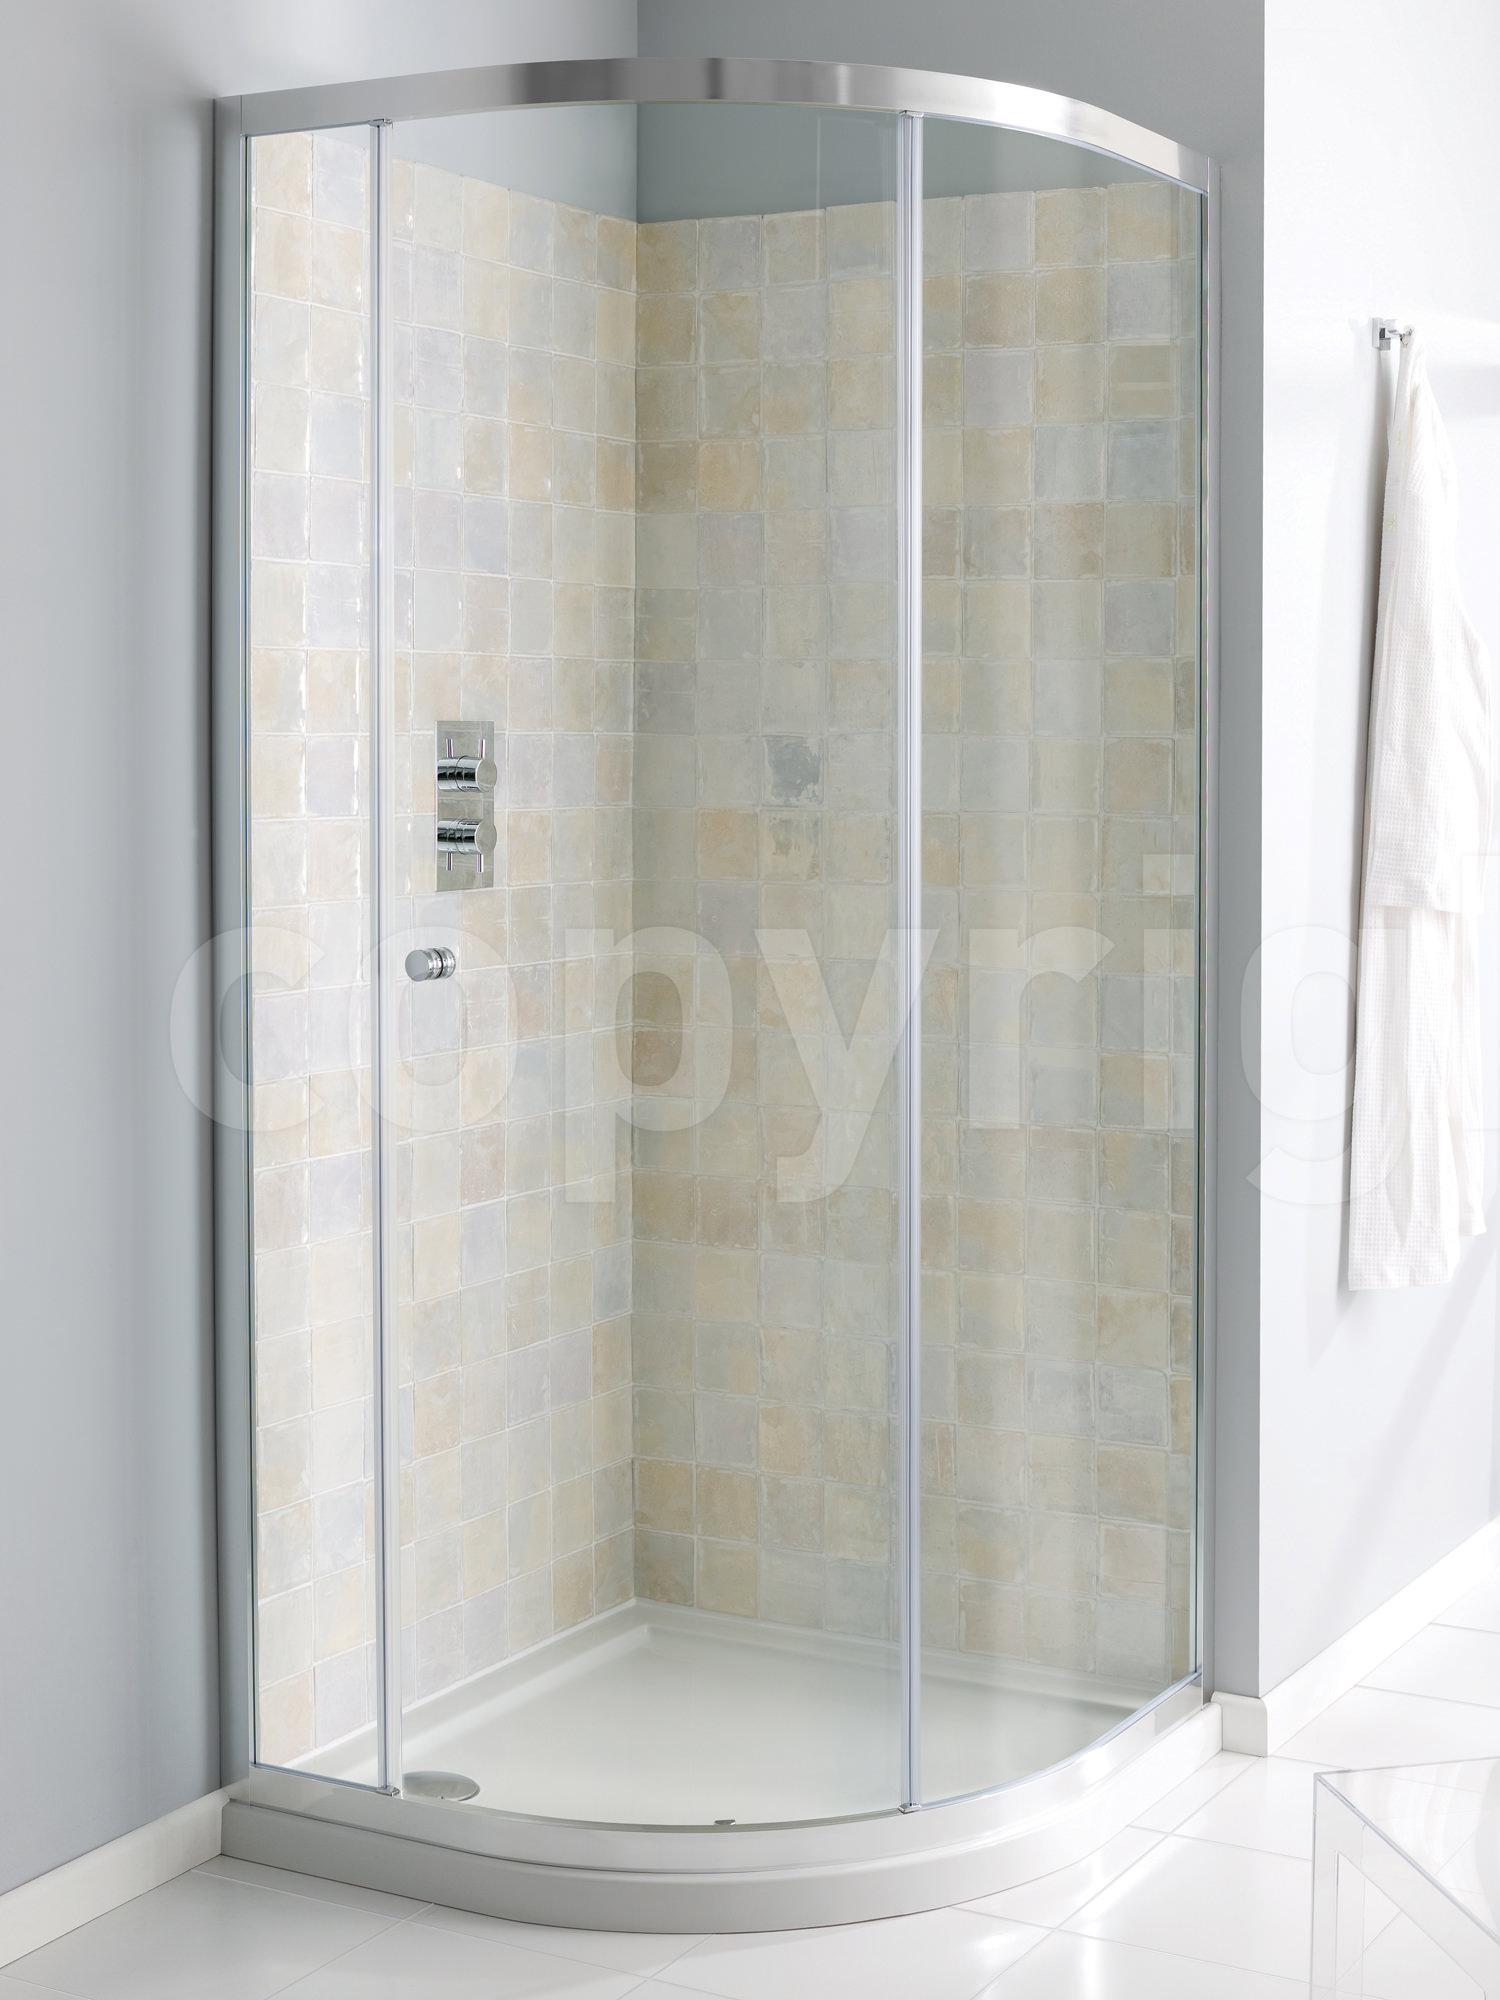 Simpsons edge single door quadrant shower enclosure 800 x for Simpson doors glass